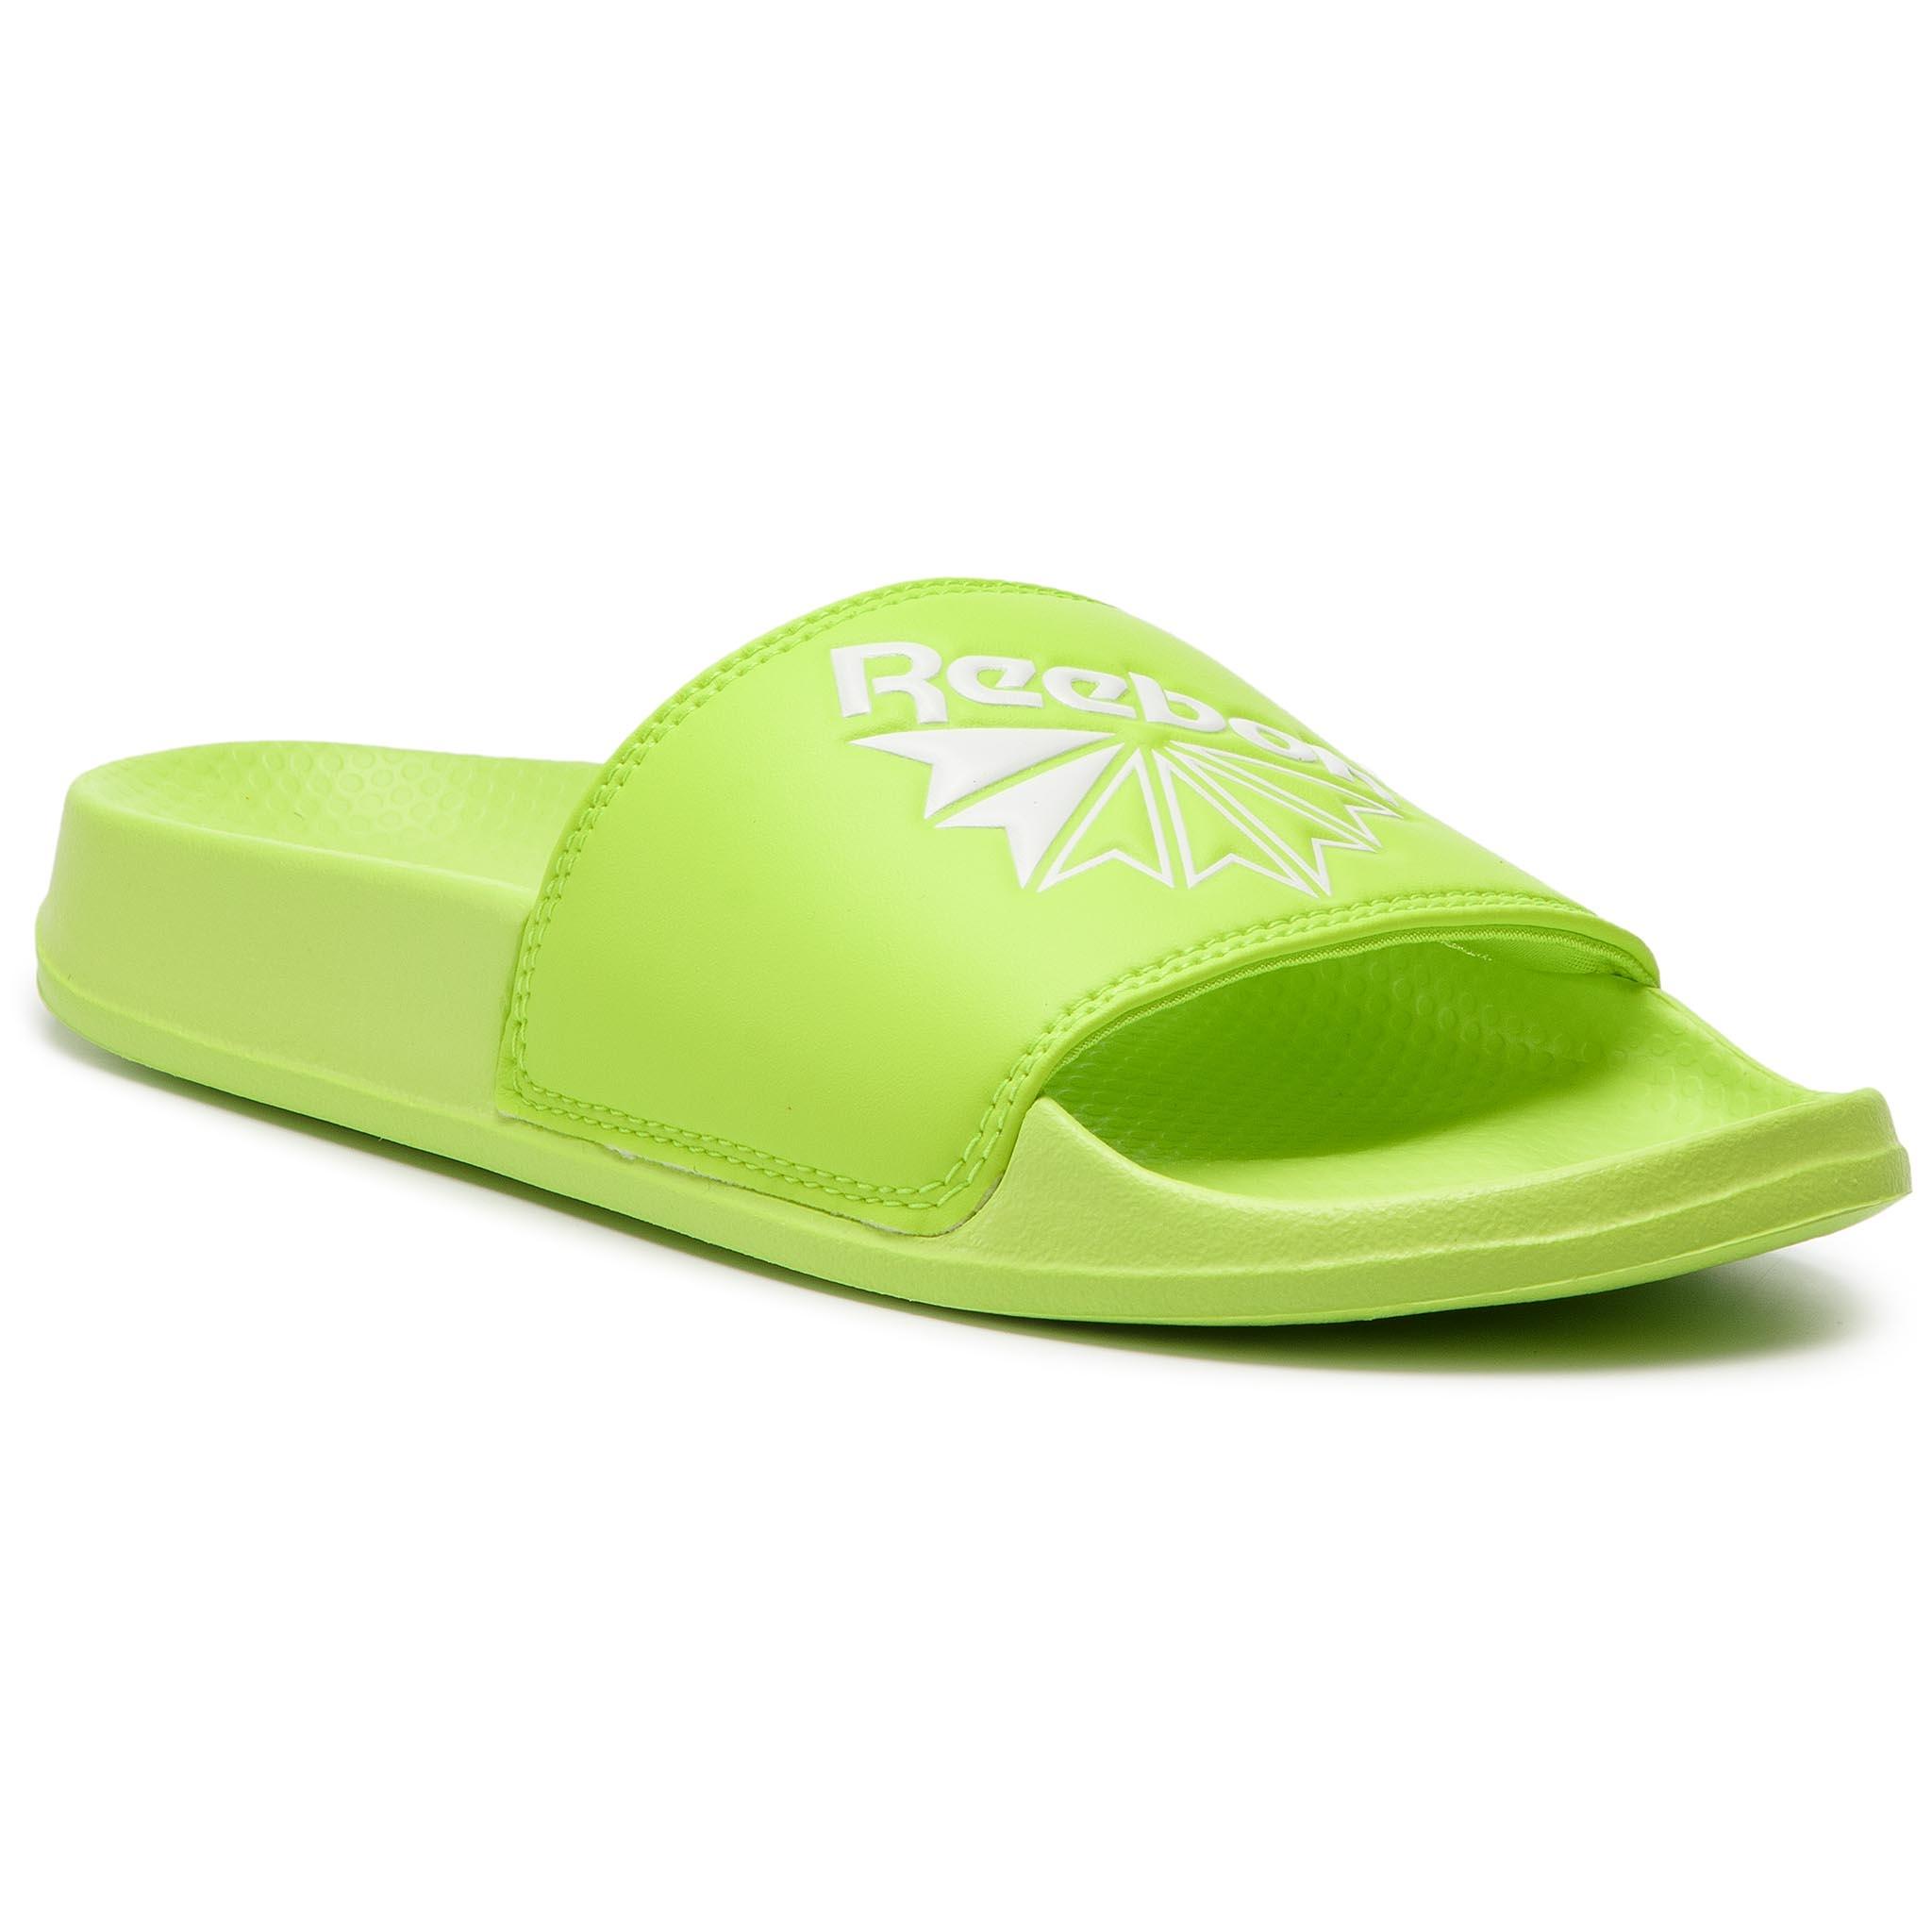 Šľapky Reebok - Classic Slide DV4100 Neon Lime White - Glami.sk a9b1a907f6a